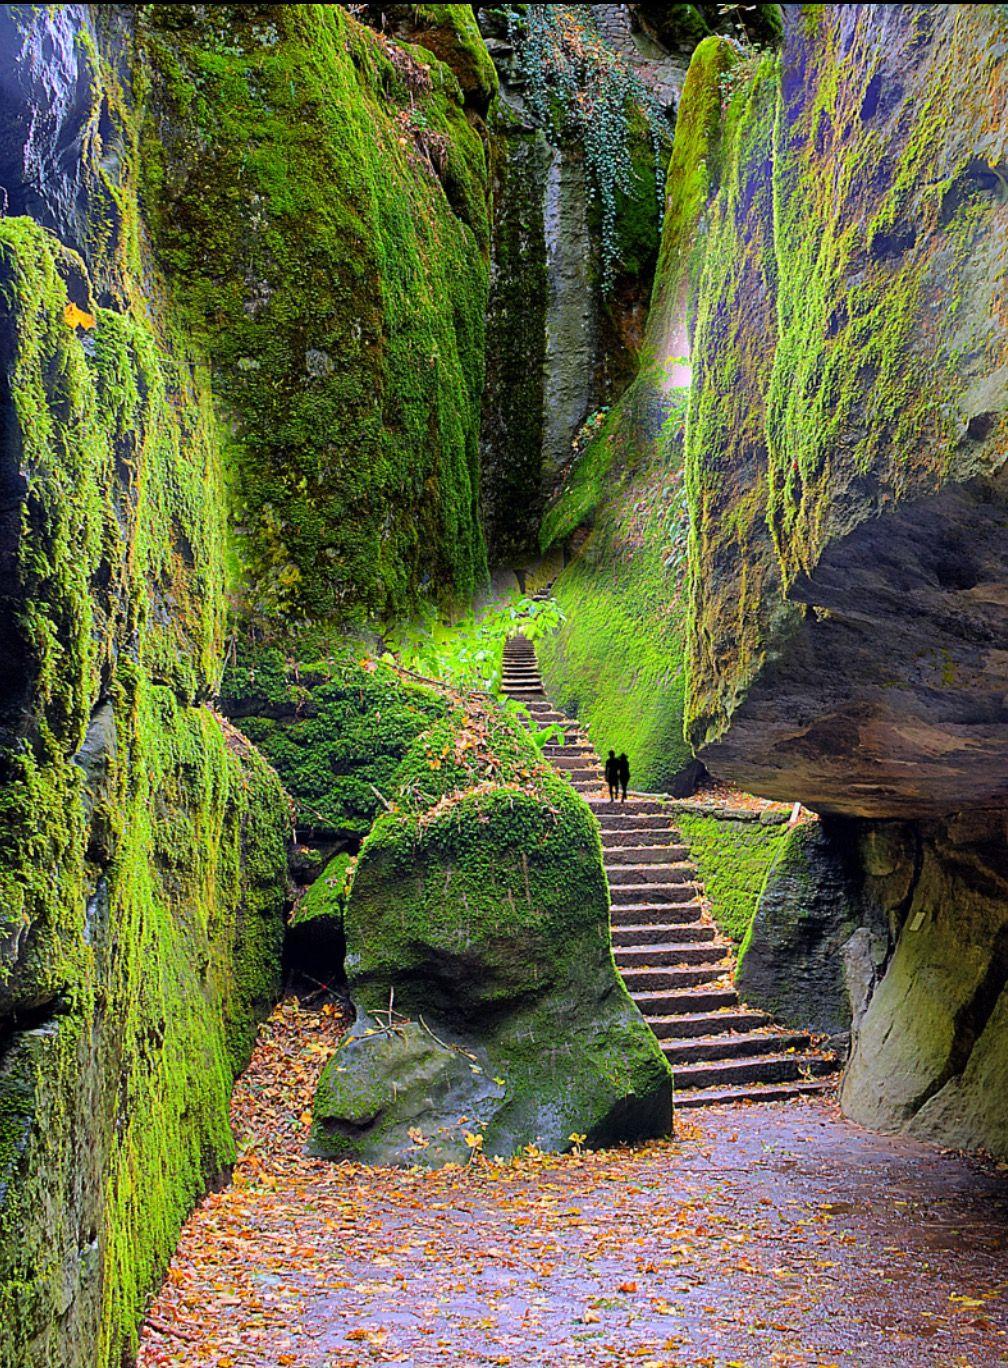 Escaleras A La Verna Santuario Franciscano Toscana Italia World Pinterest Tuscany Italy